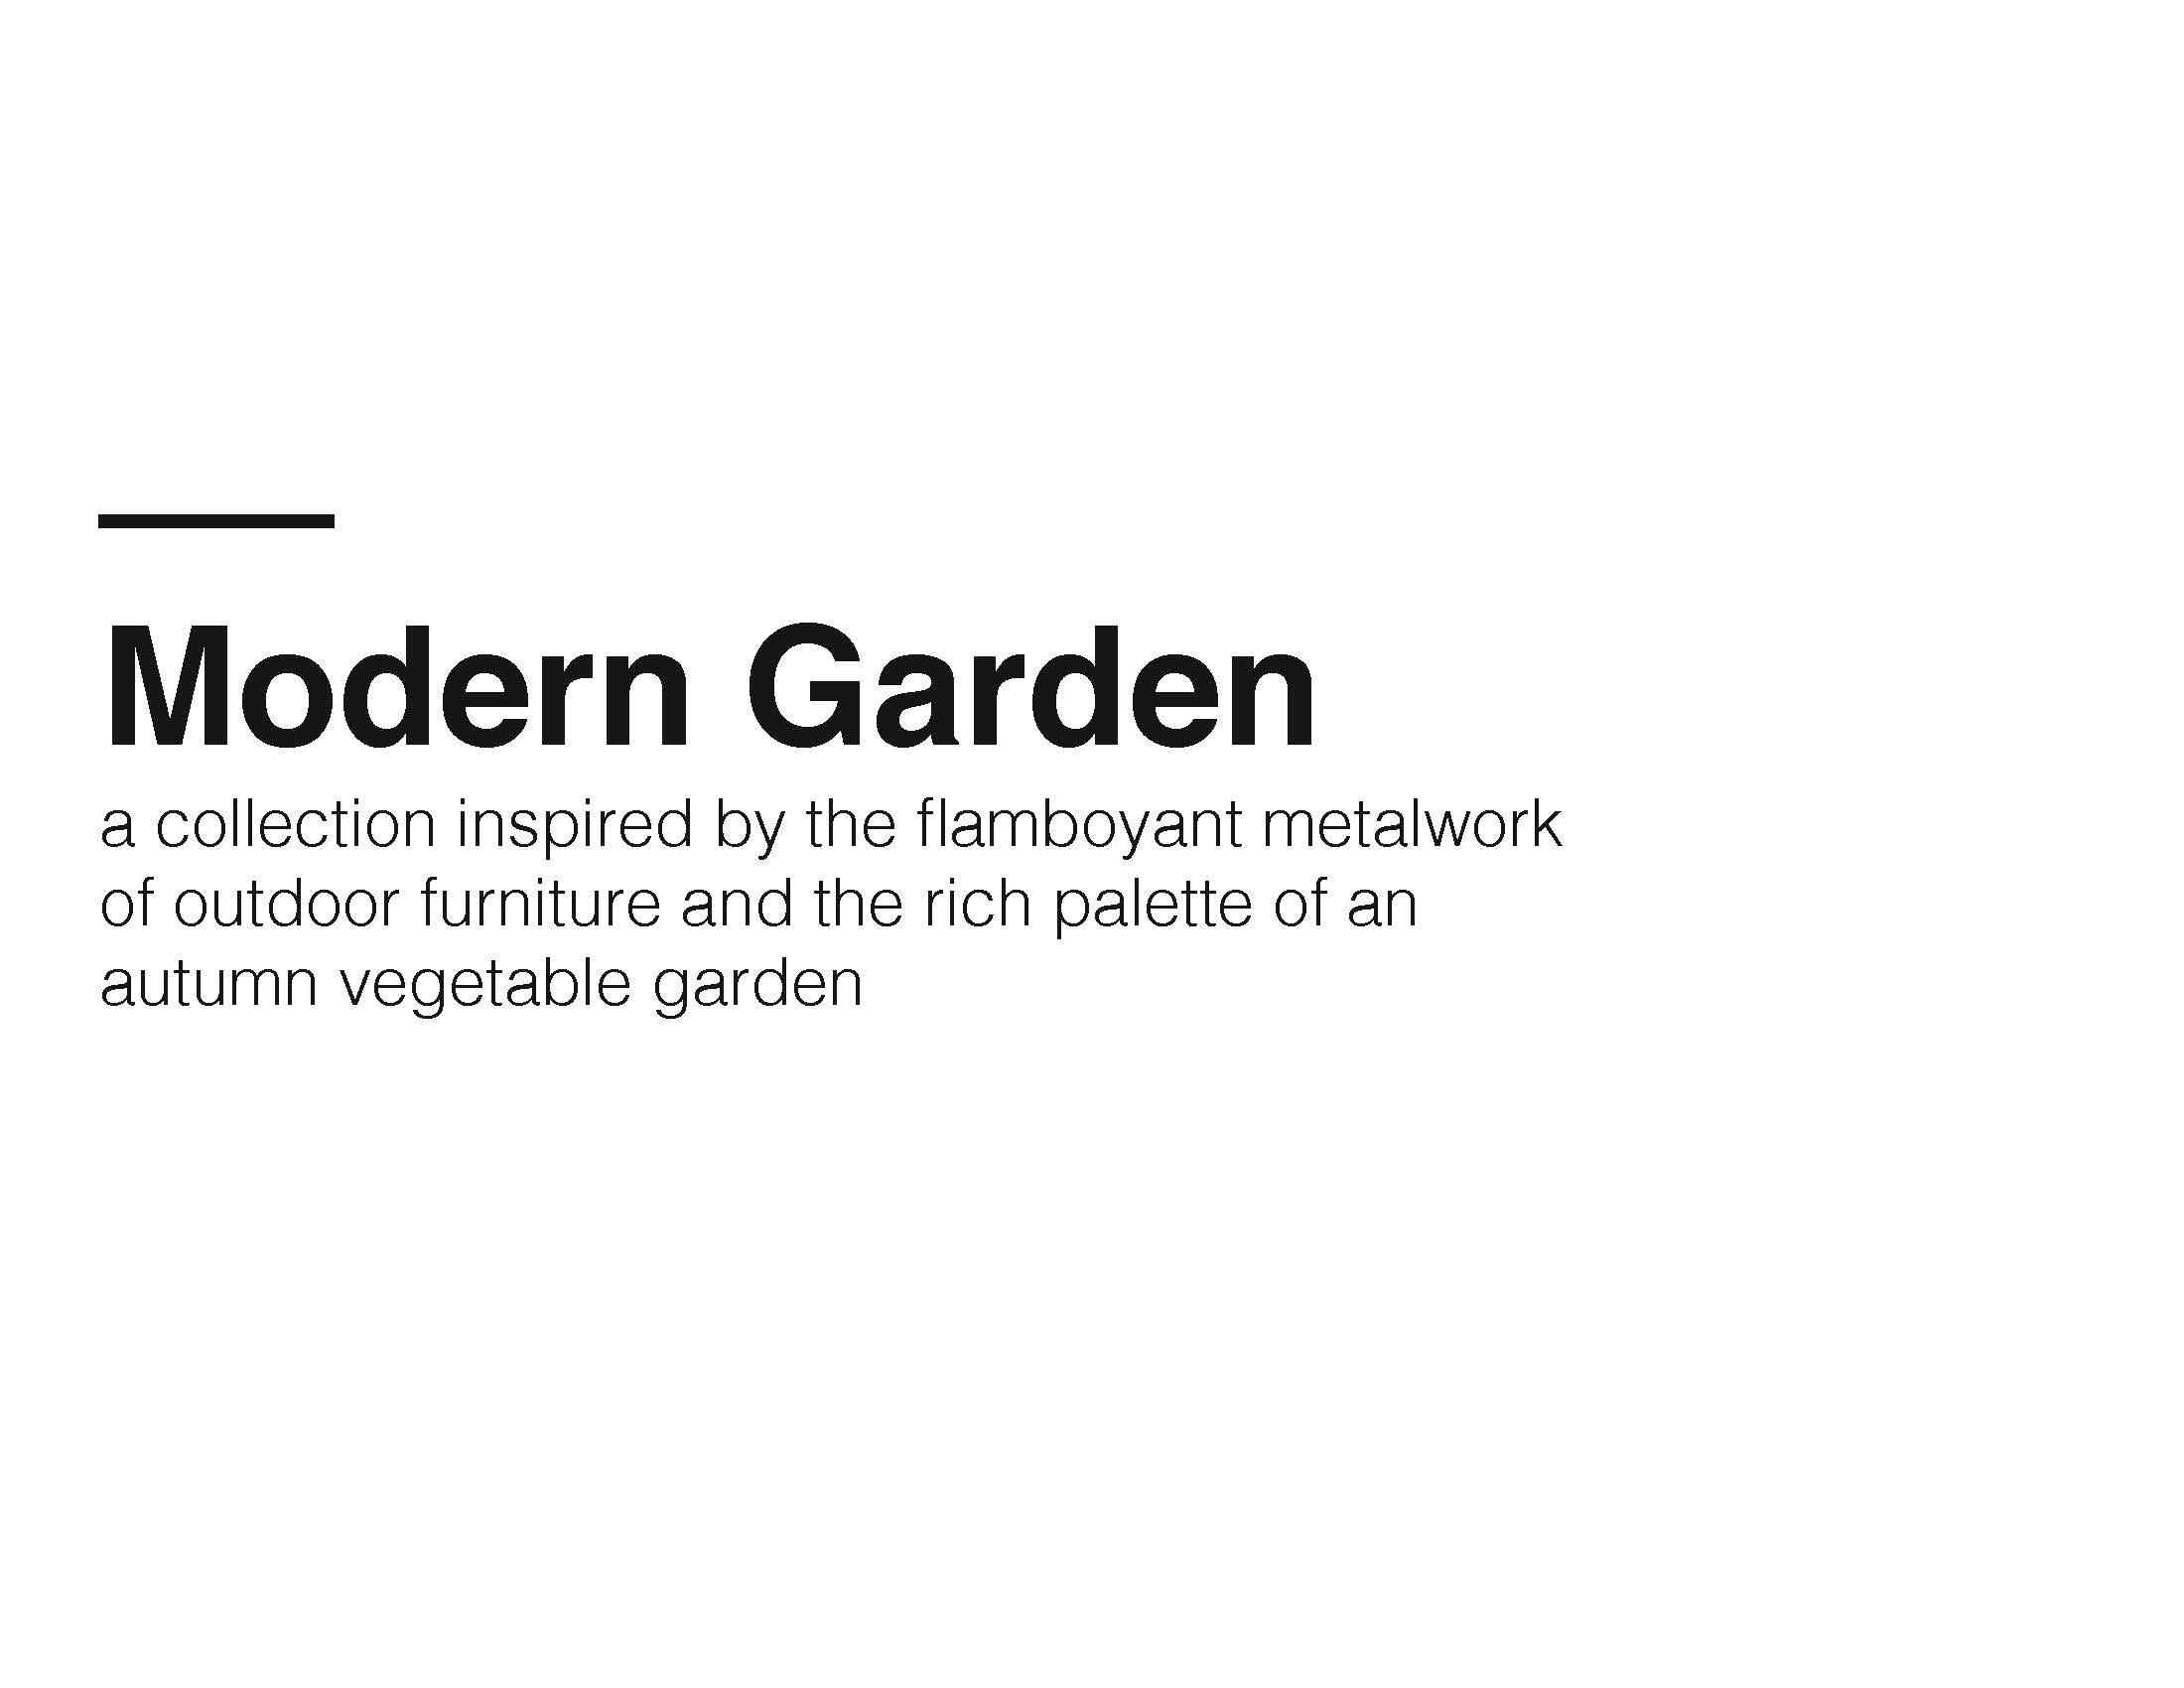 modern garden image_Page_01.jpg